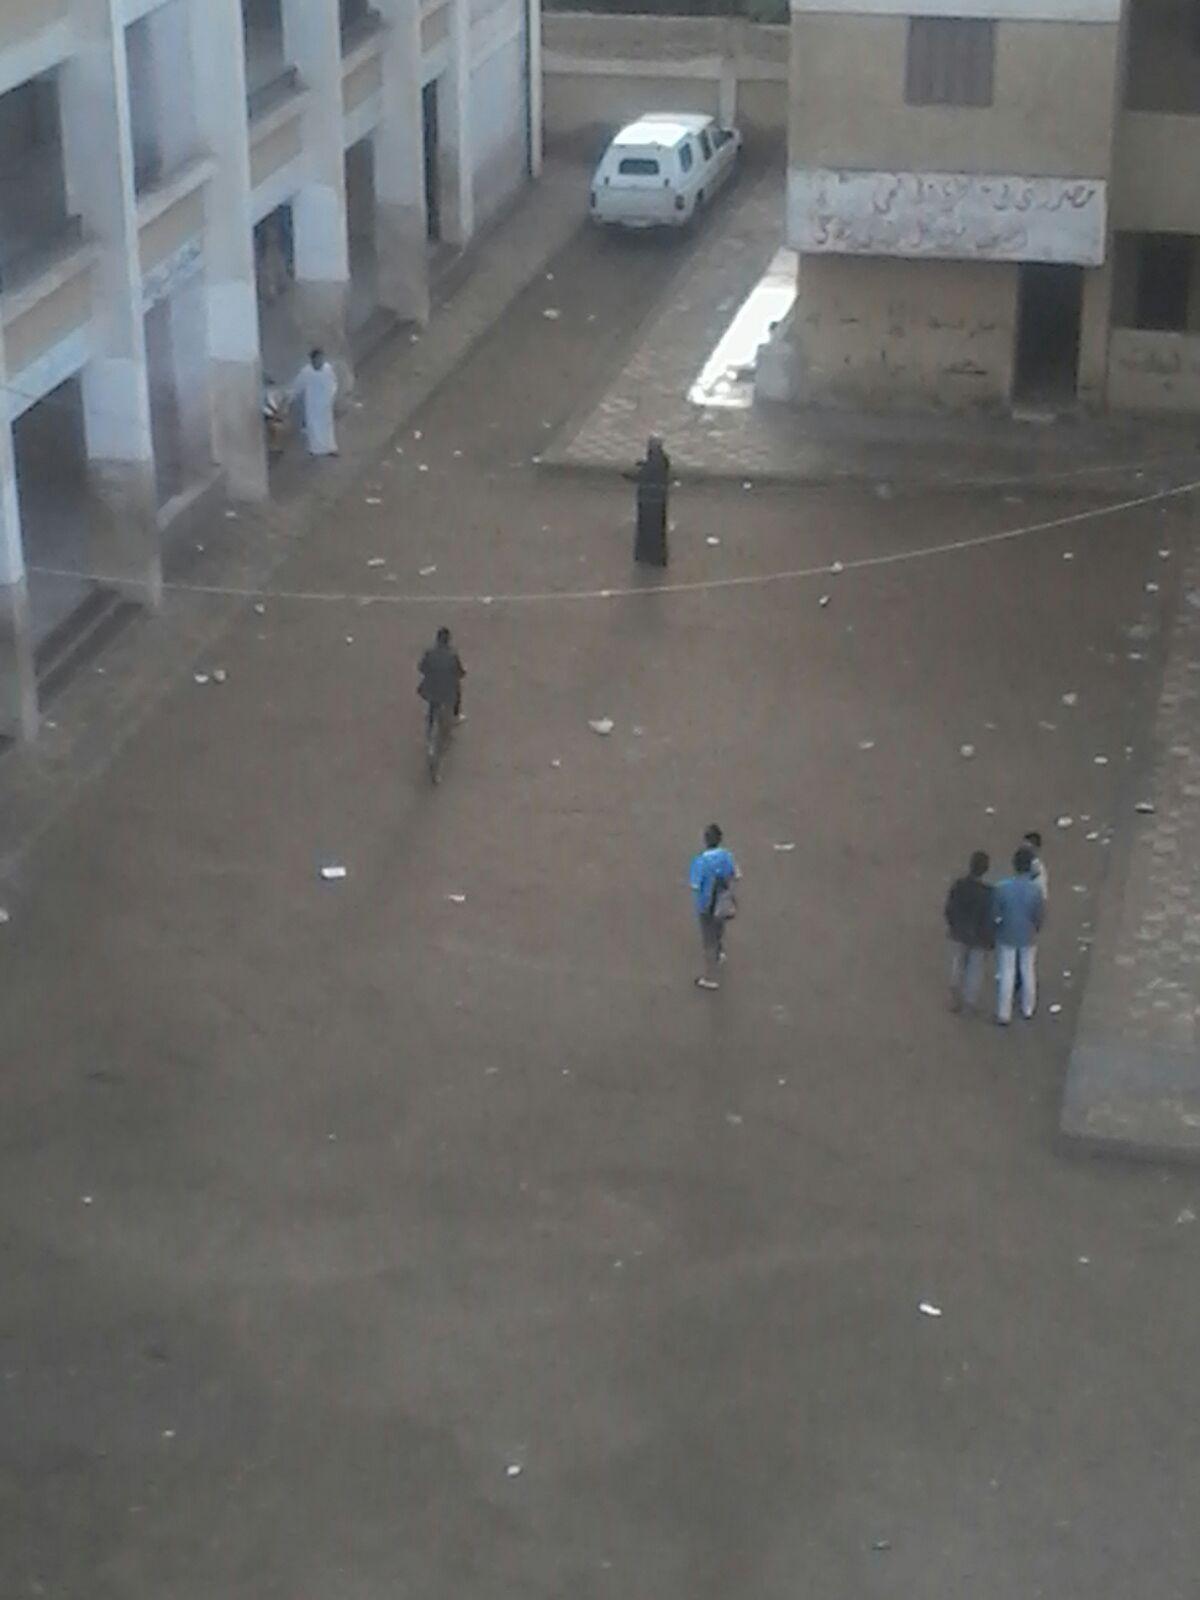 📷| مدرسون بجلابيب ودراجات وسيارات في إحدى مدارس أوسيم بالجيزة